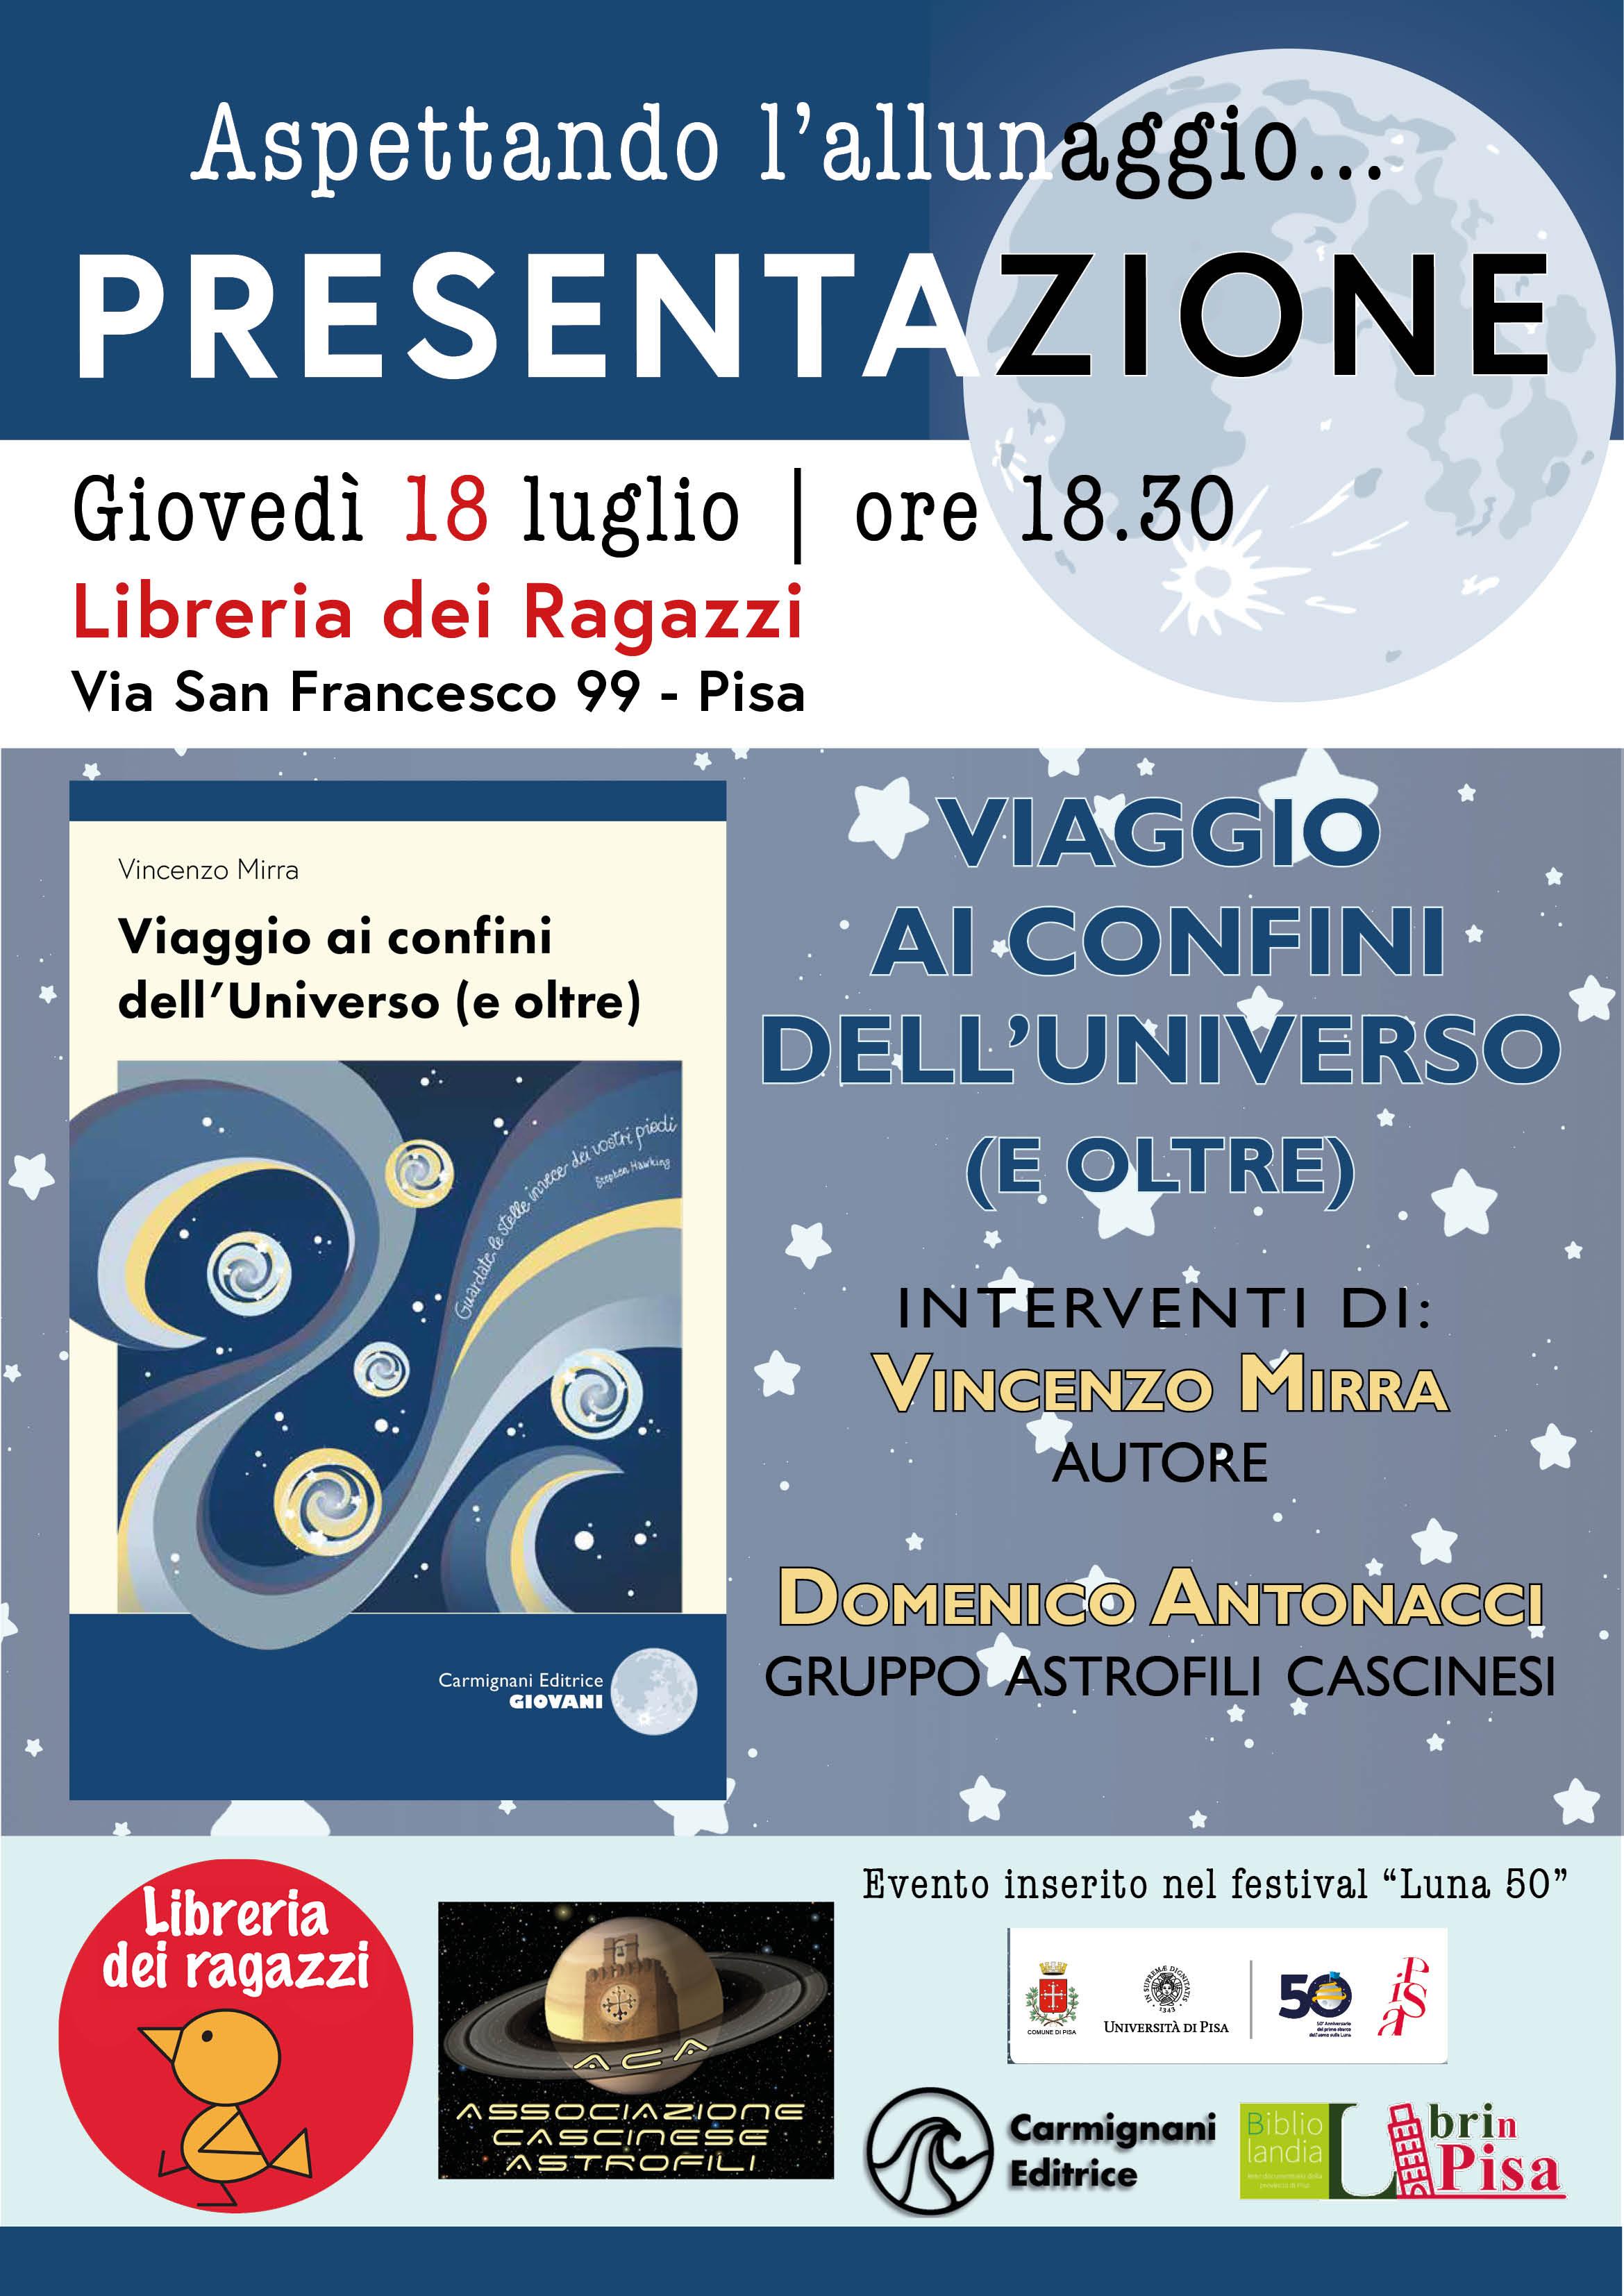 Calendario Unipi.Associazione Astrofili Cascinesi